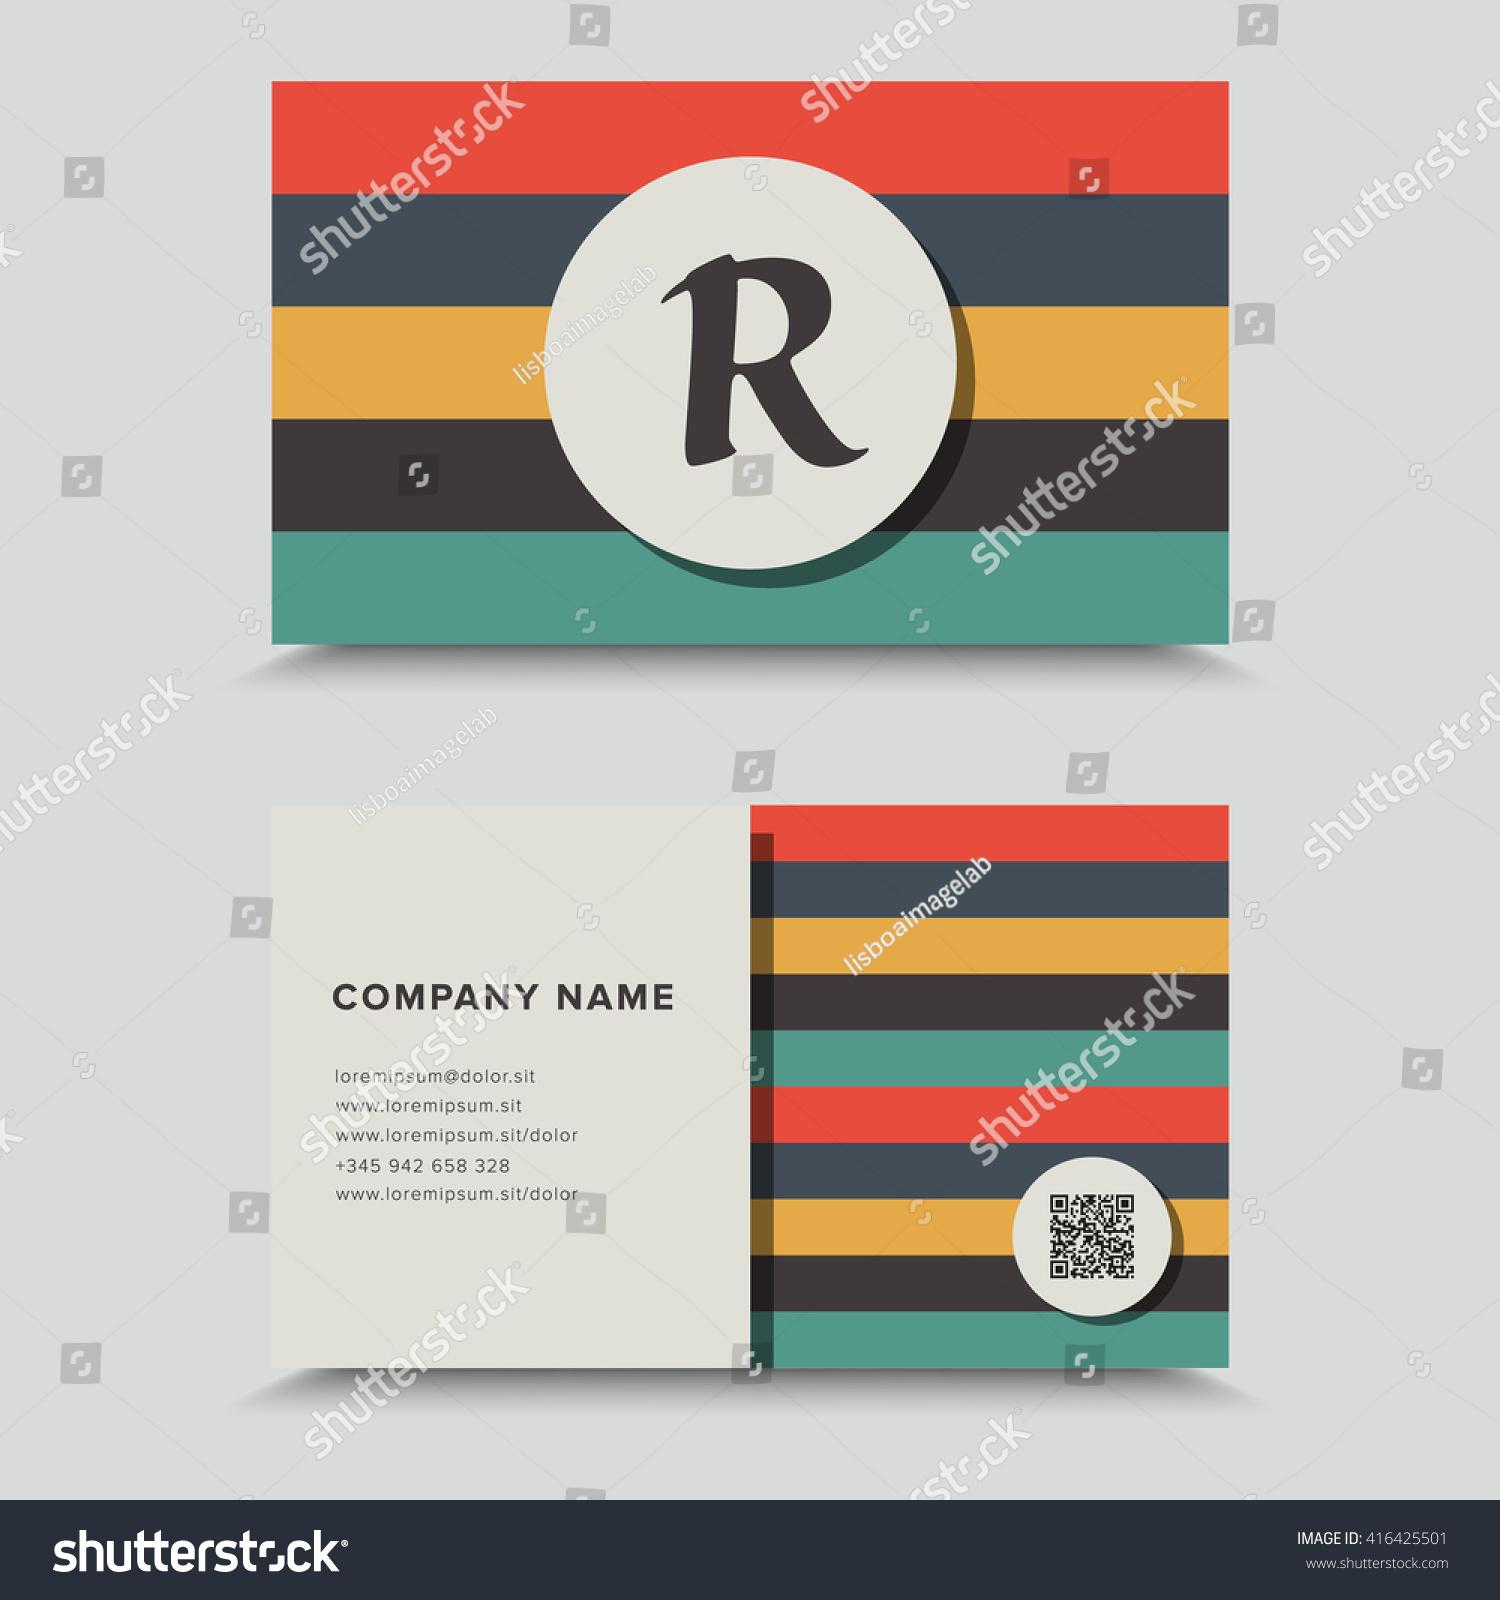 Visit Card Qr Code Business Card Stock Vector 416425501 - Shutterstock